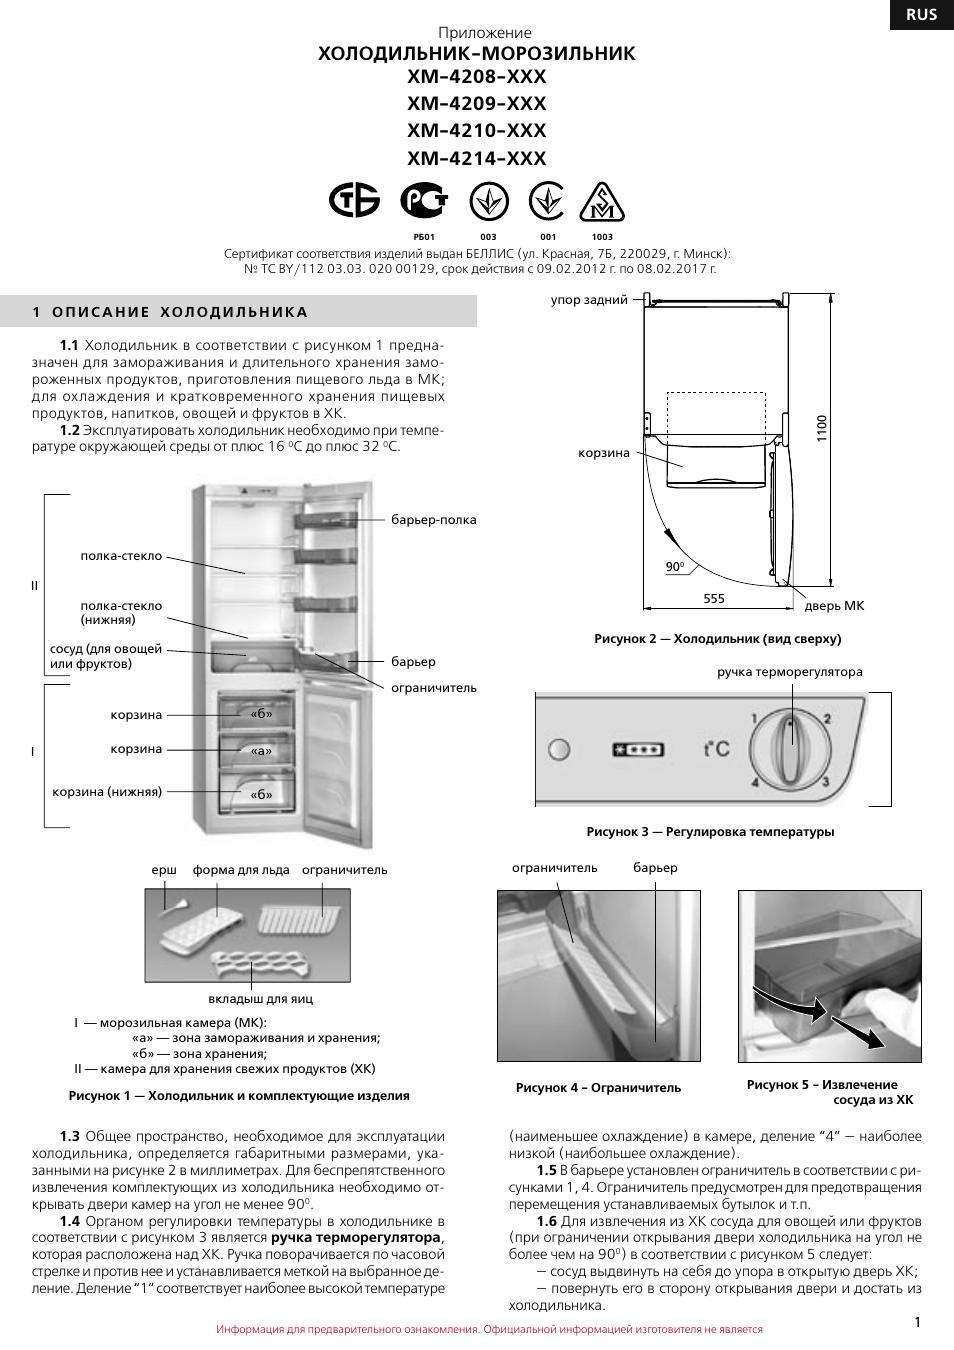 инструкция по эксплуатации атлант хм 4214 приложение 24 страницы